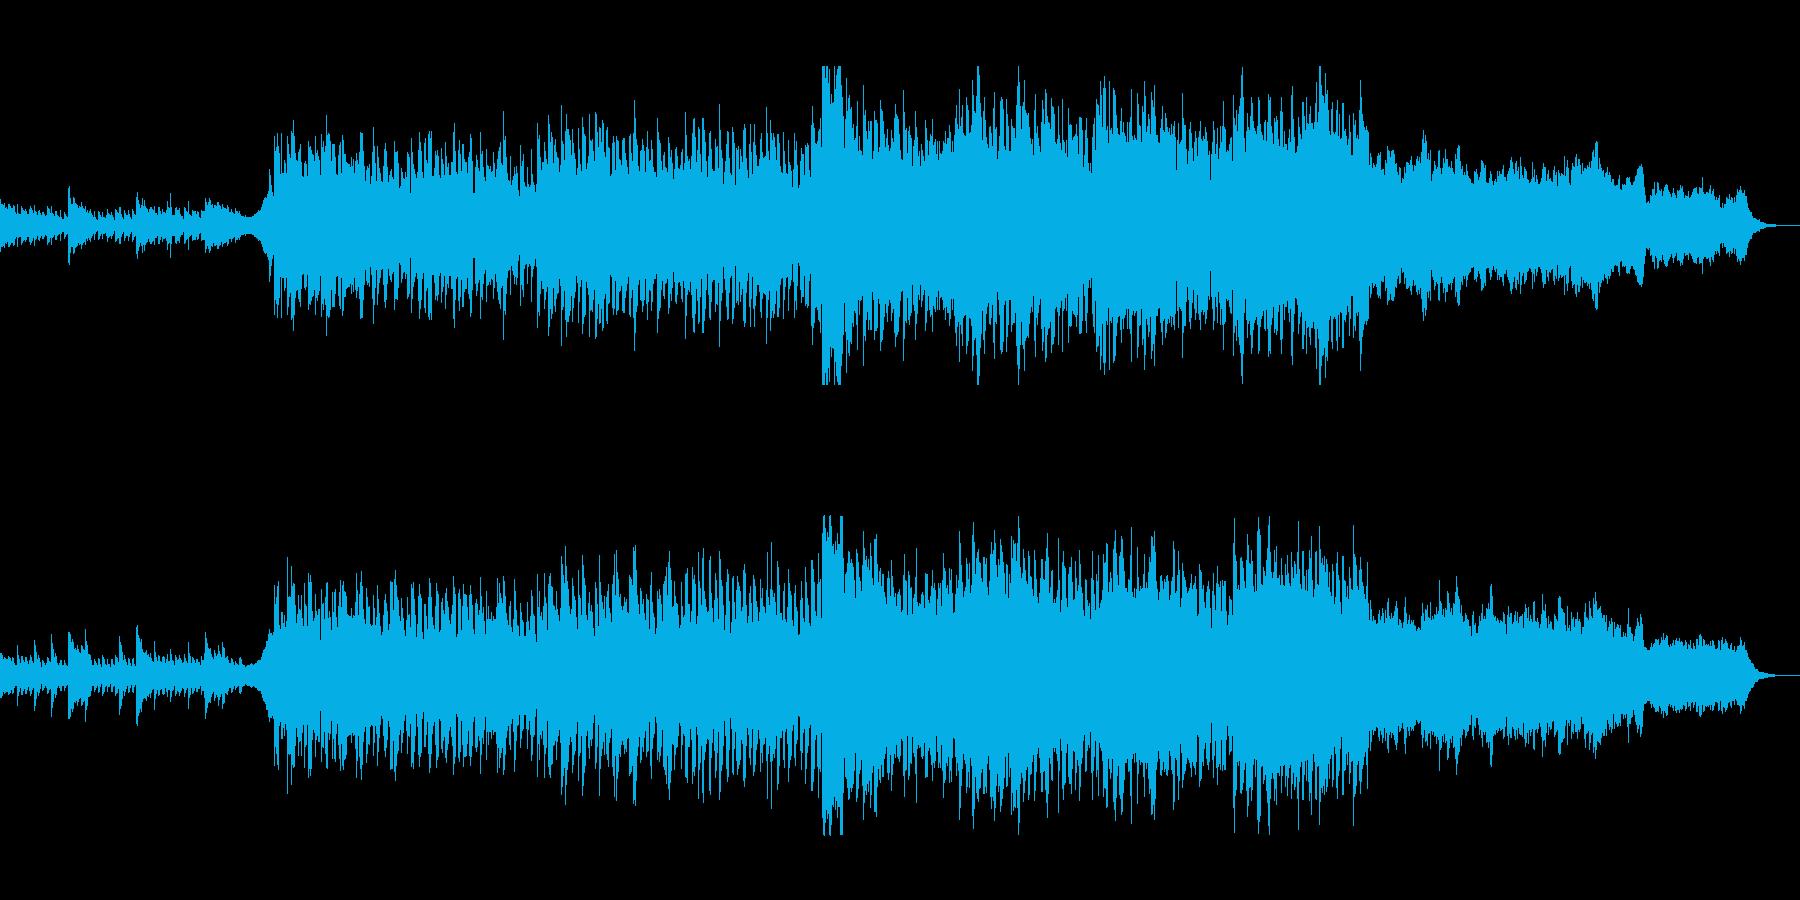 広大で美しいピアノヒーリングミュージックの再生済みの波形